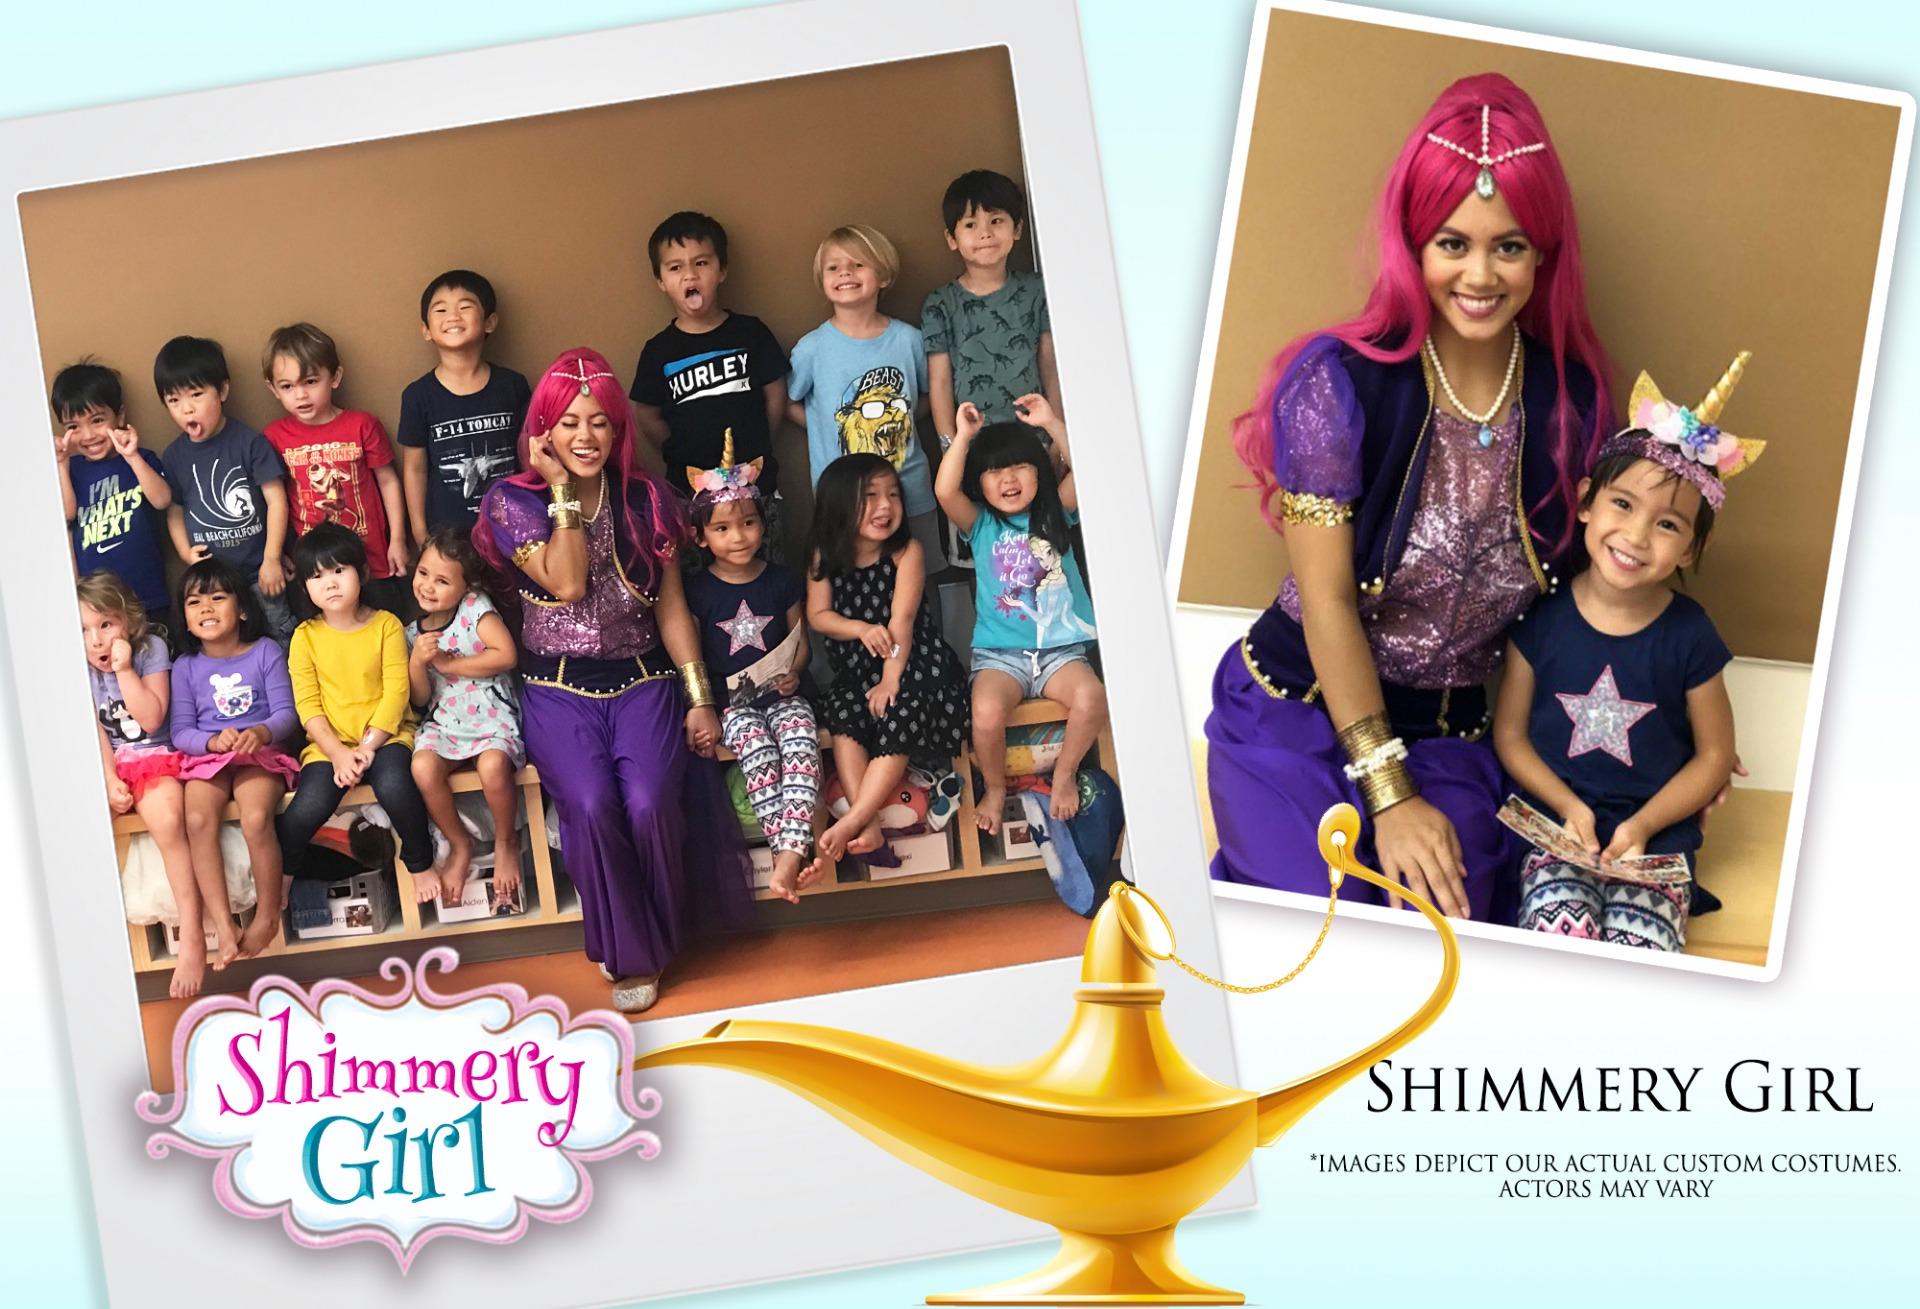 Shimmery Girl